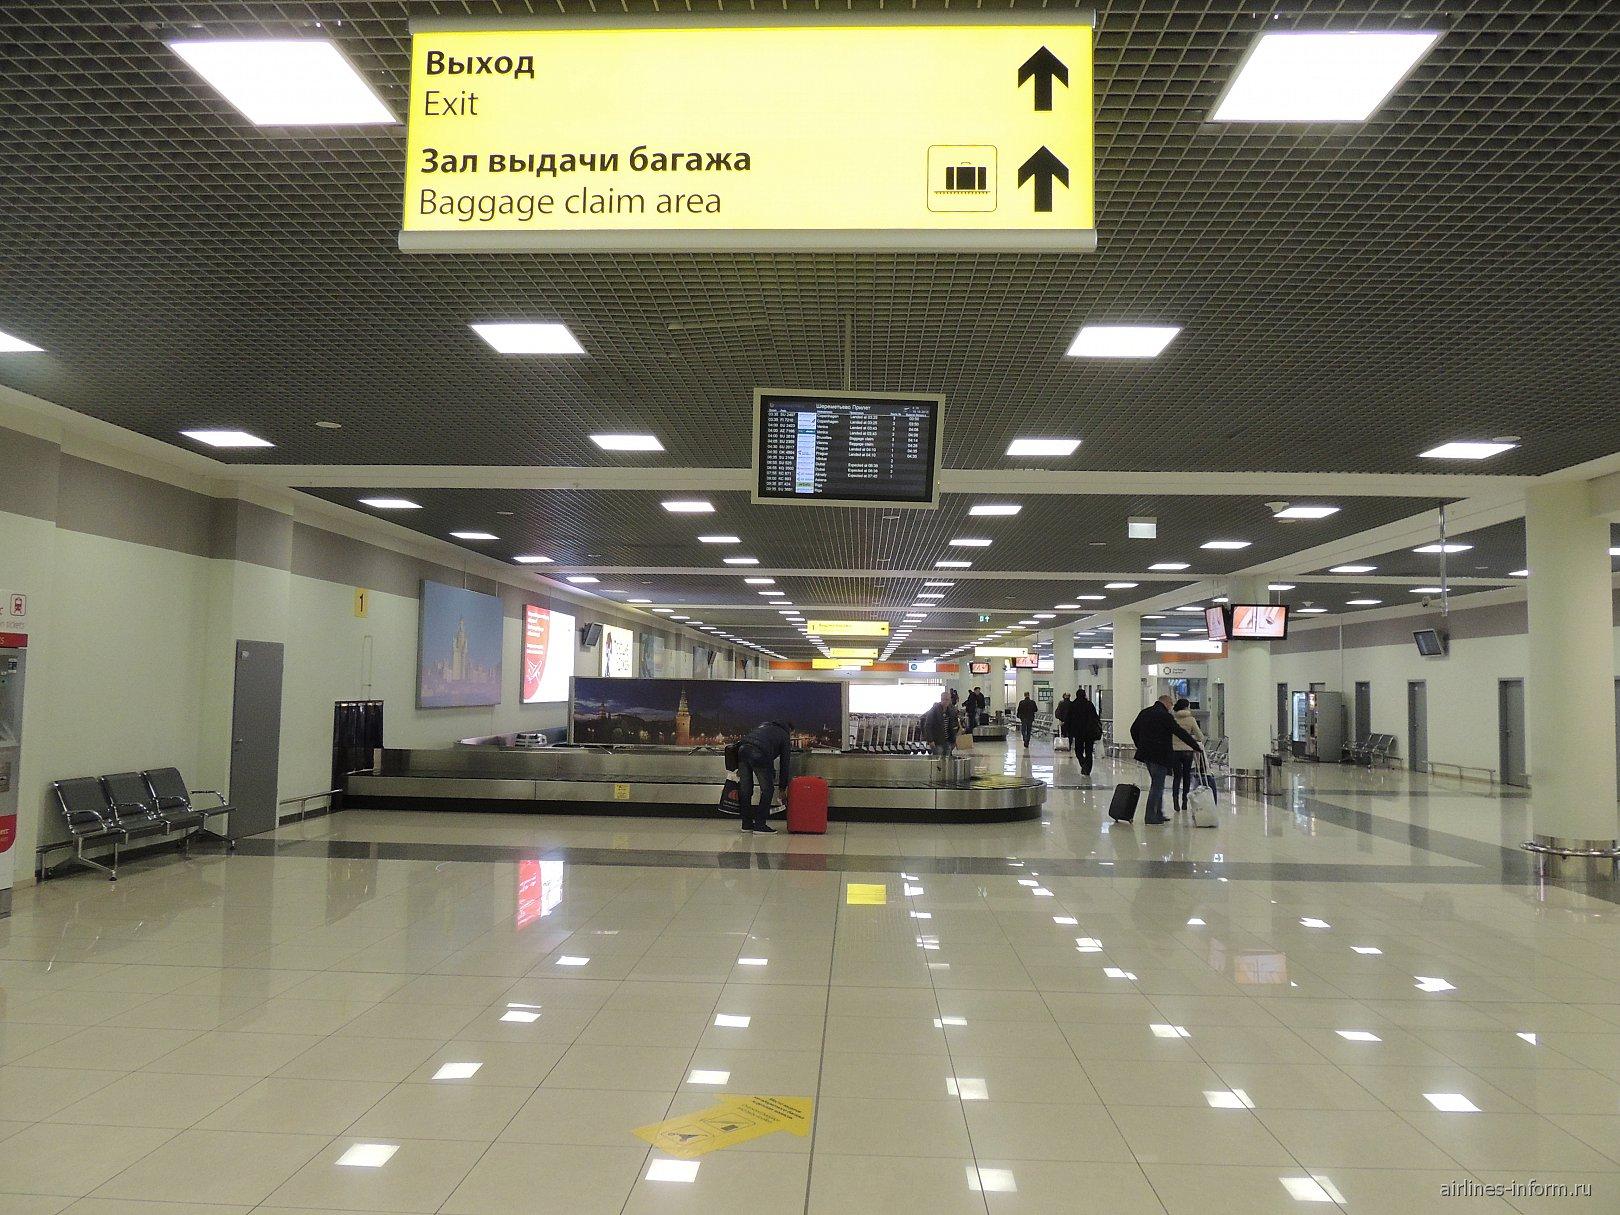 Зал выдачи багажа в терминале Е аэропорта Шереметьево